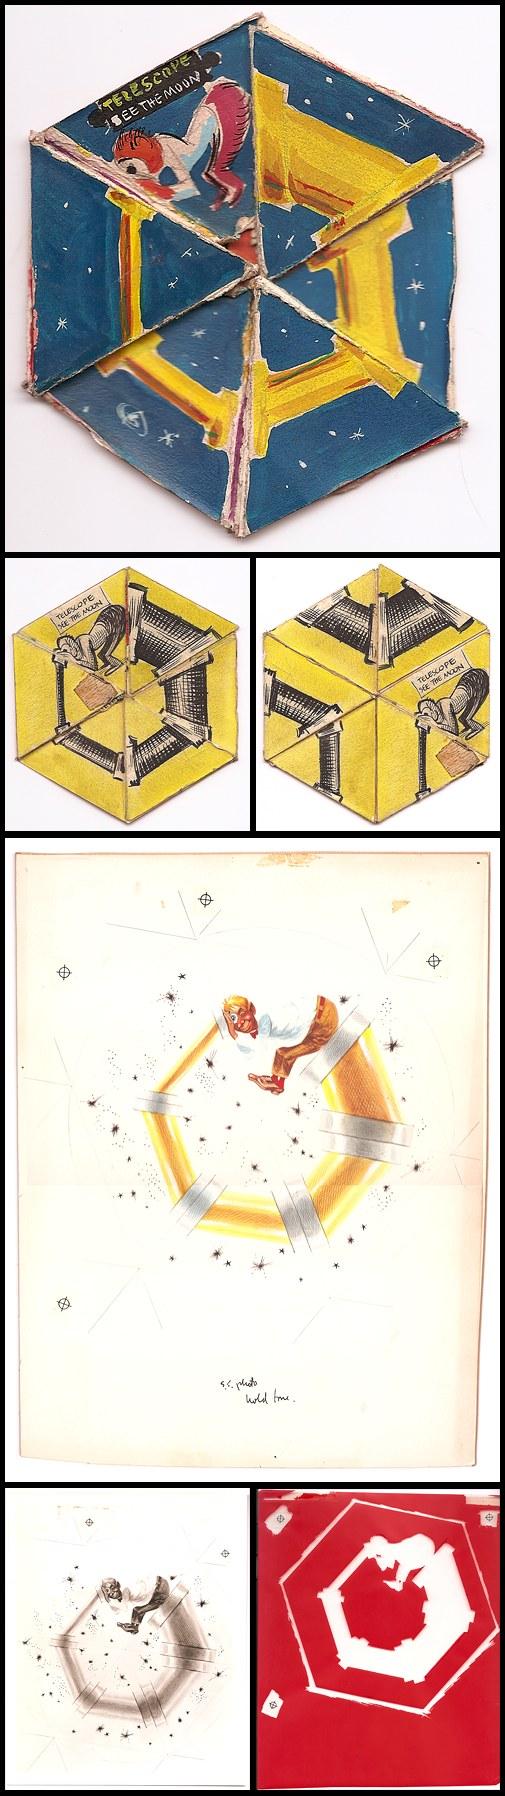 14. Trump #3: The Hexaflexagon, Telescope (1957)